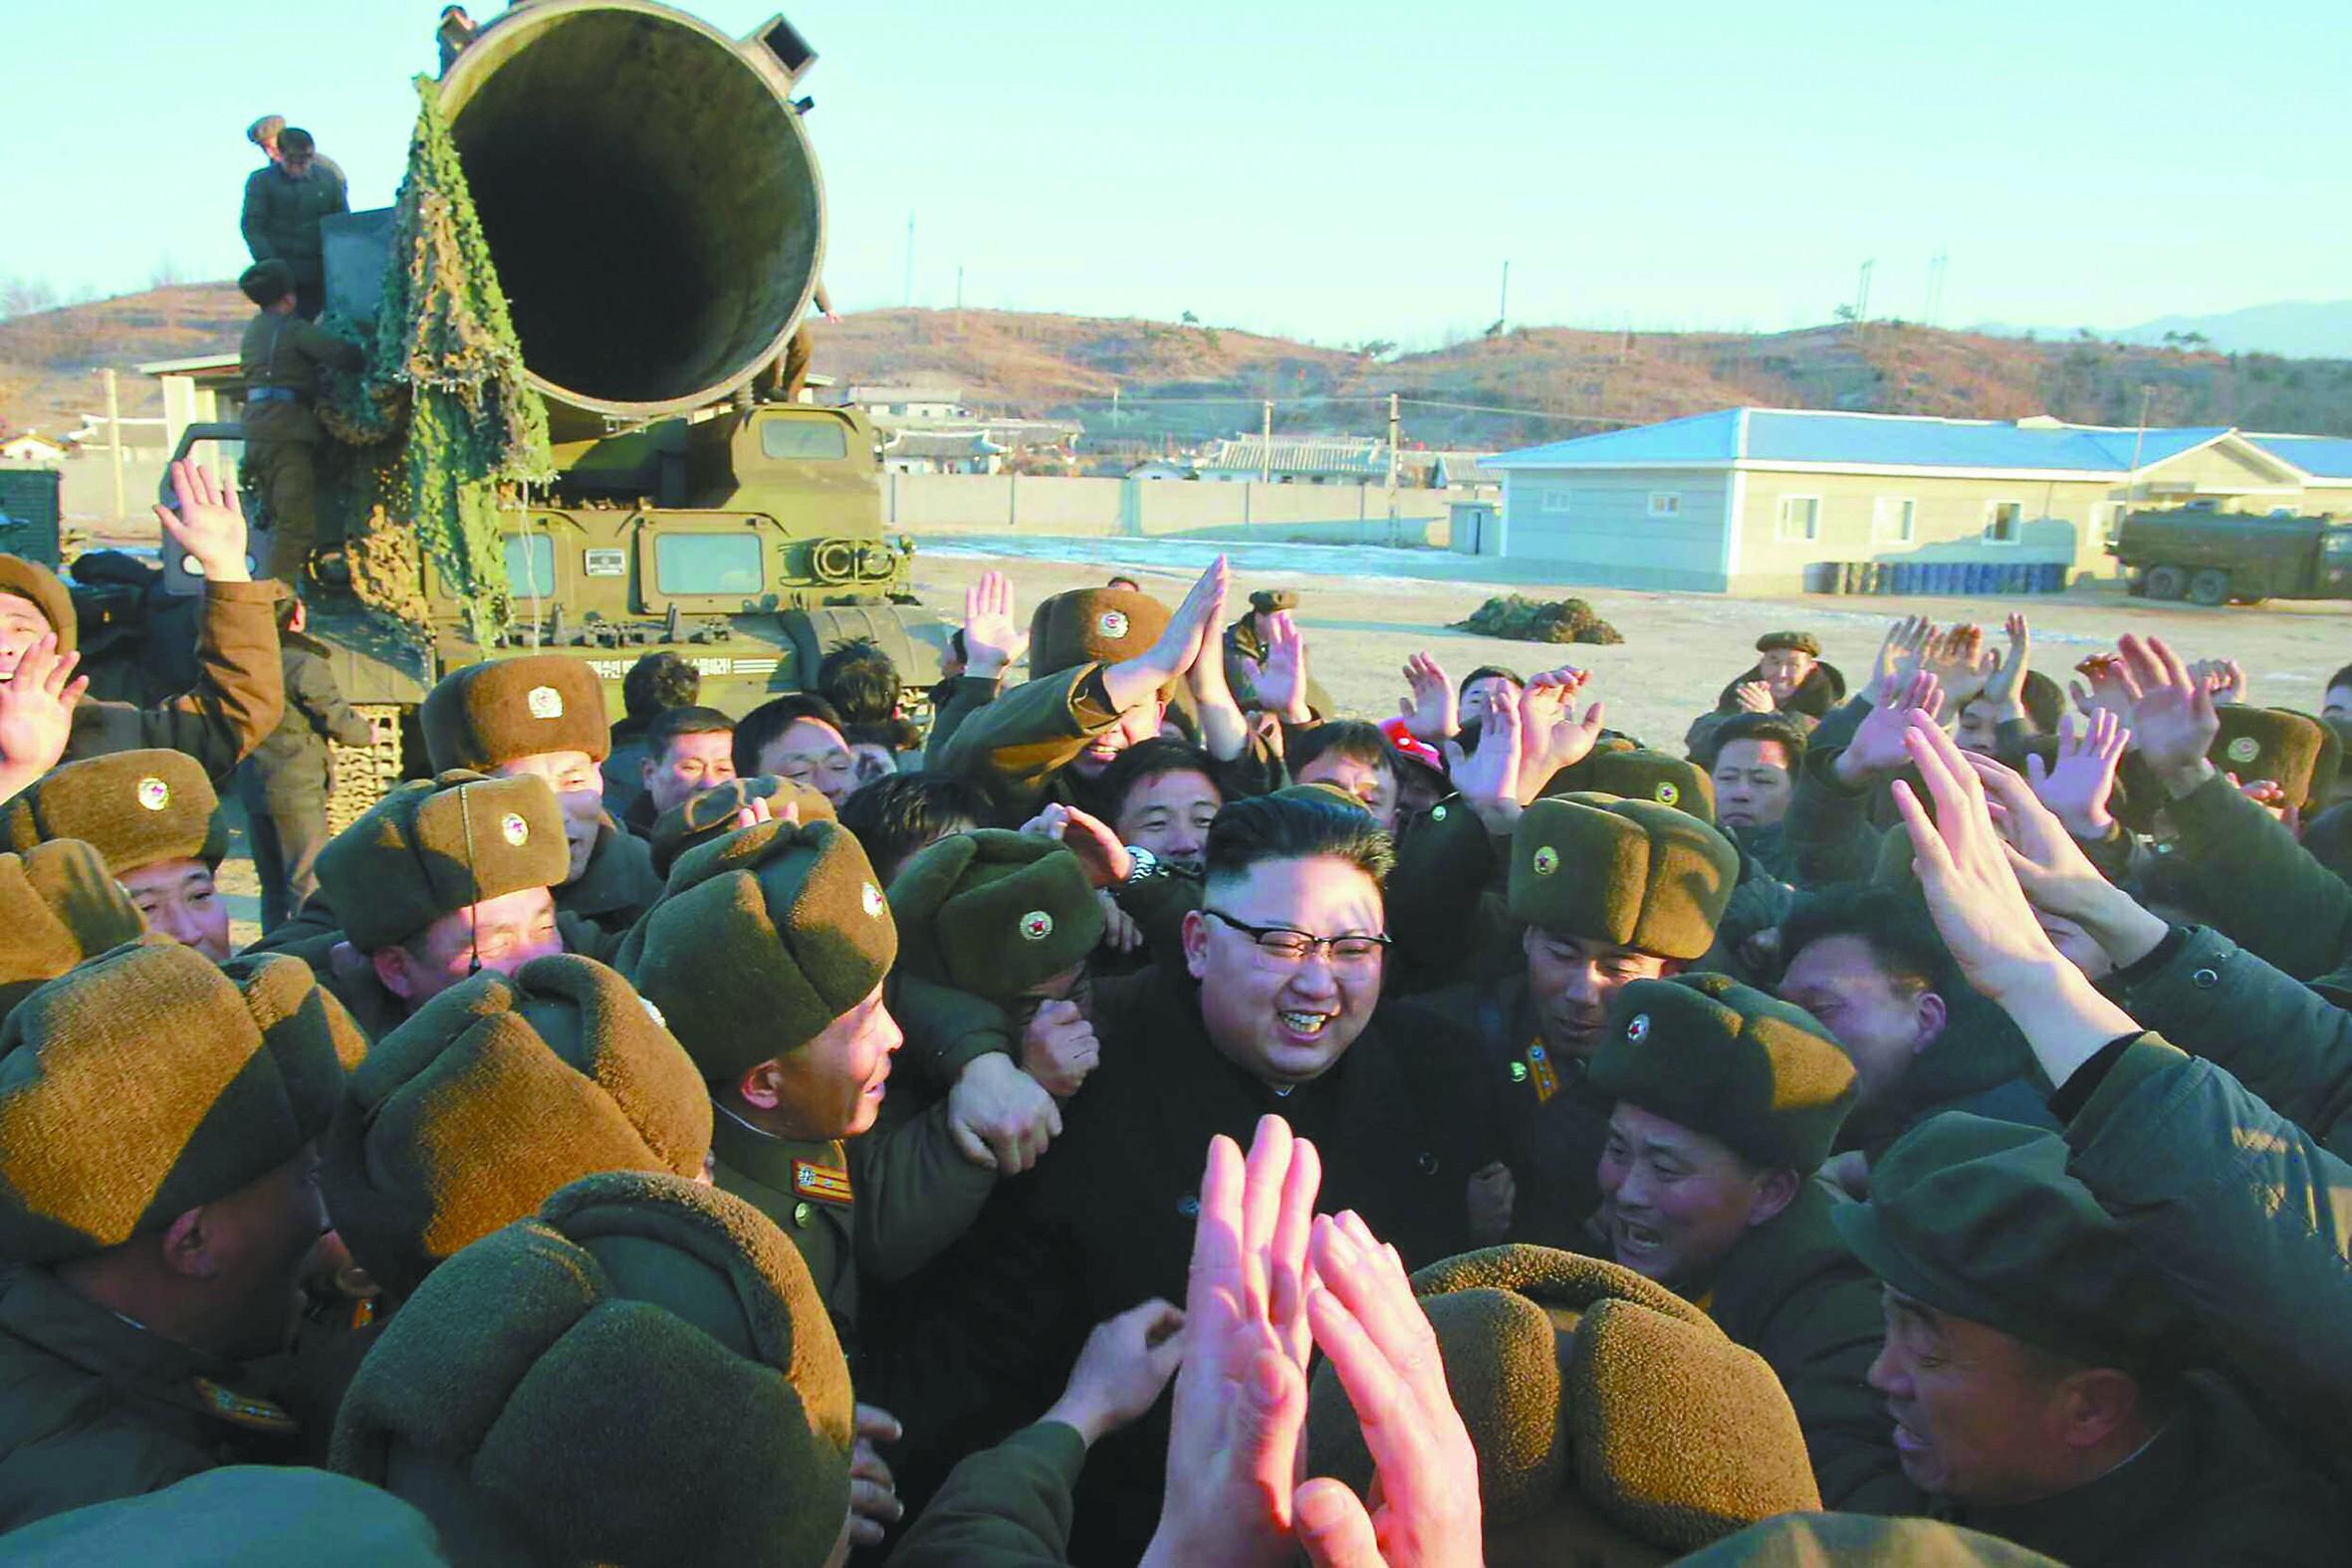 朝鲜宣布称弹道导弹成功发射 金正恩表示满意